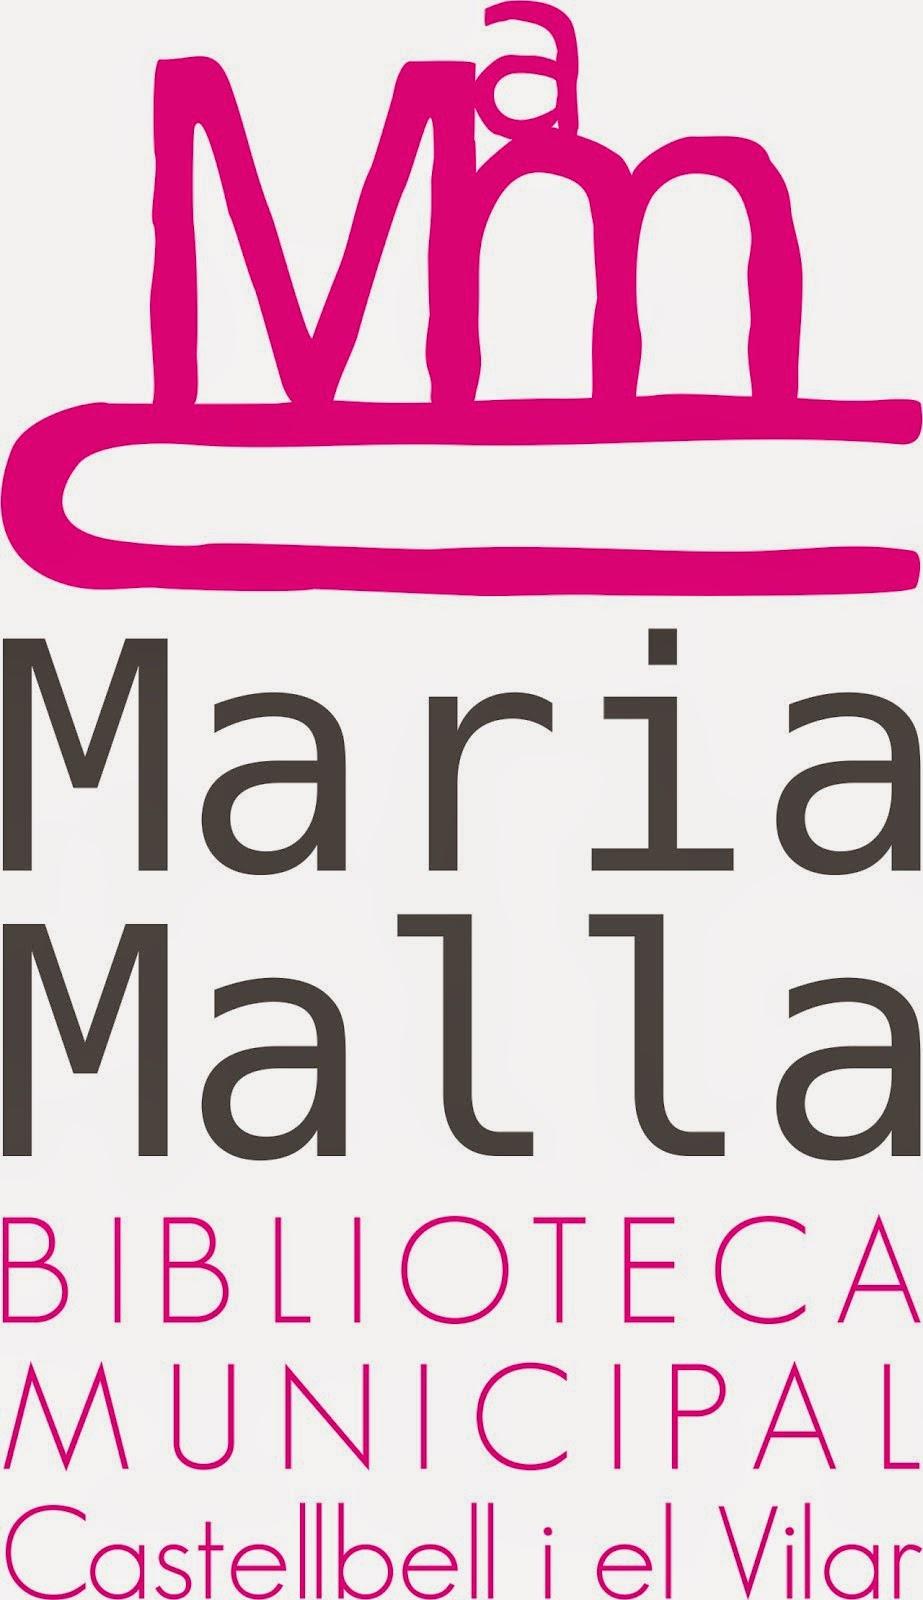 Logotip institucional